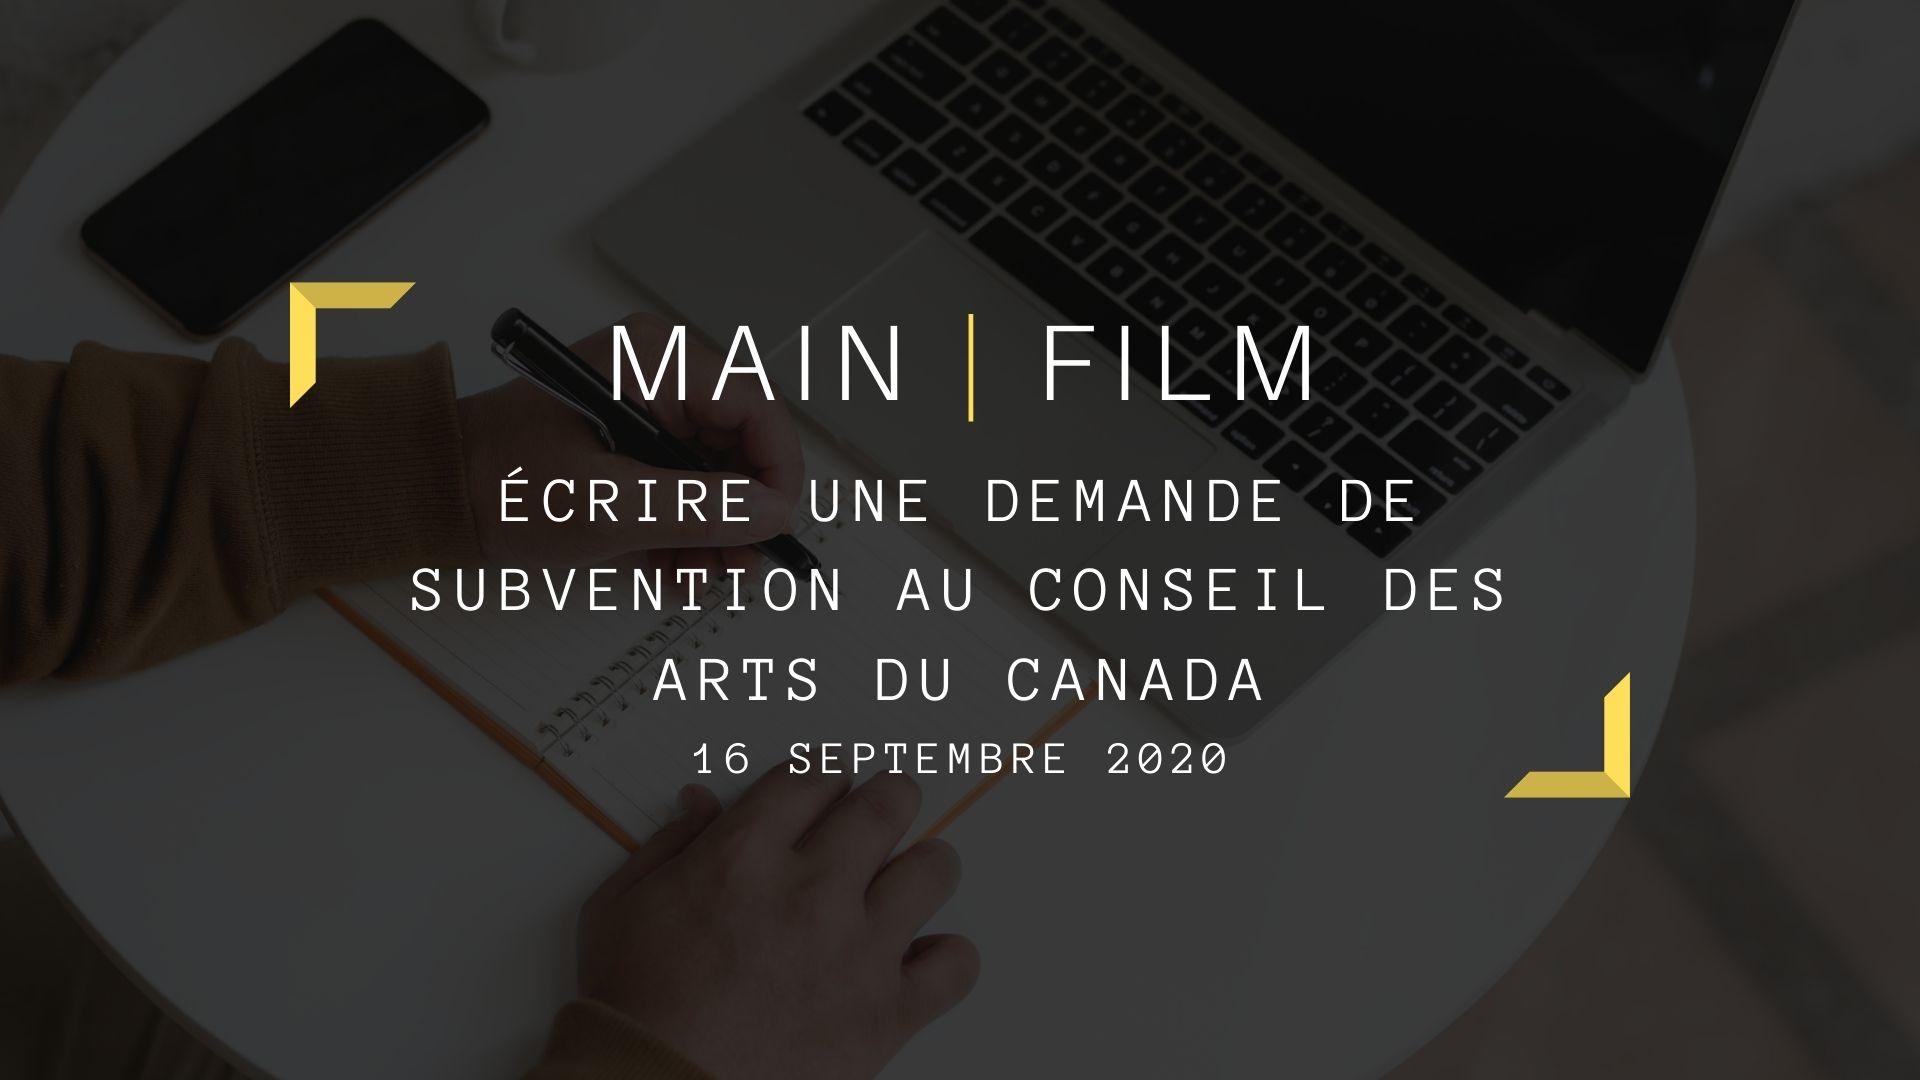 Écrire une demande de subvention au Conseil des Arts du Canada | En ligne